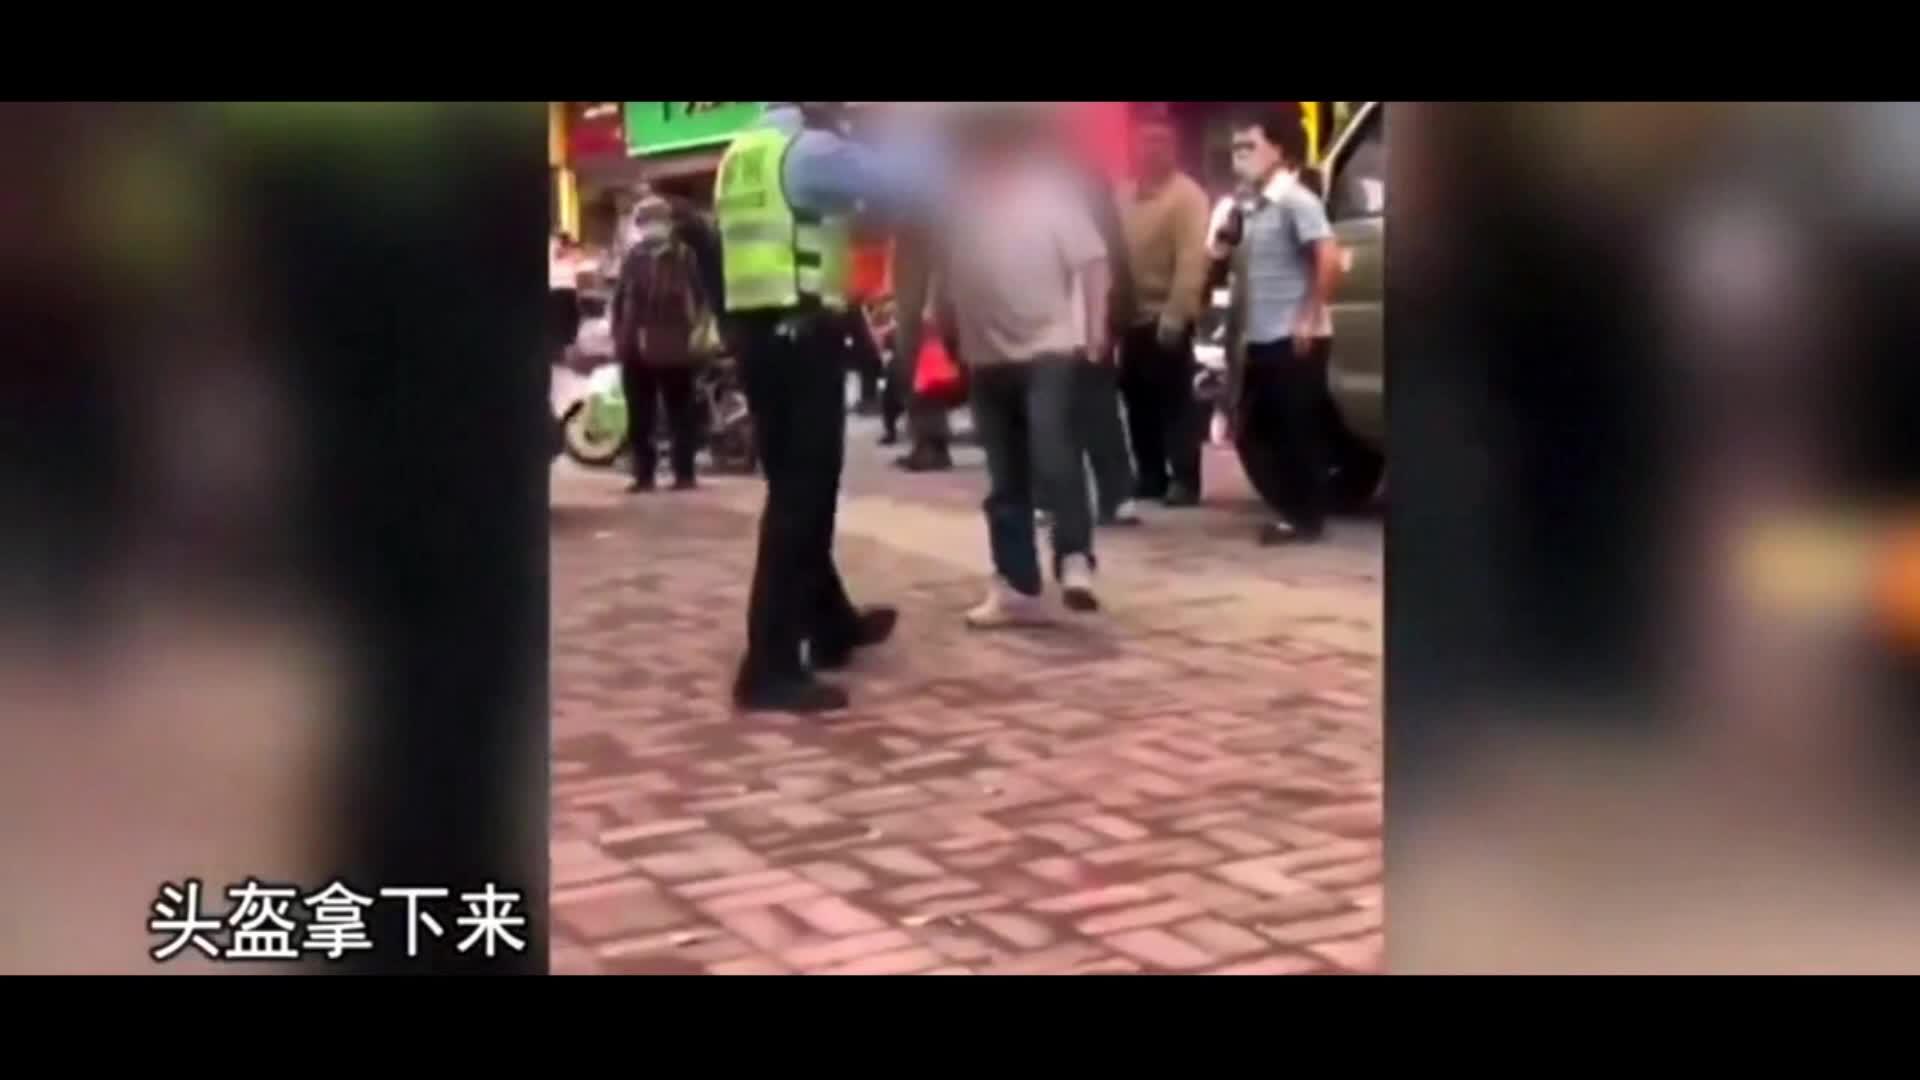 遮挡号牌被拦下男子暴力抗法还朝民警吐口水